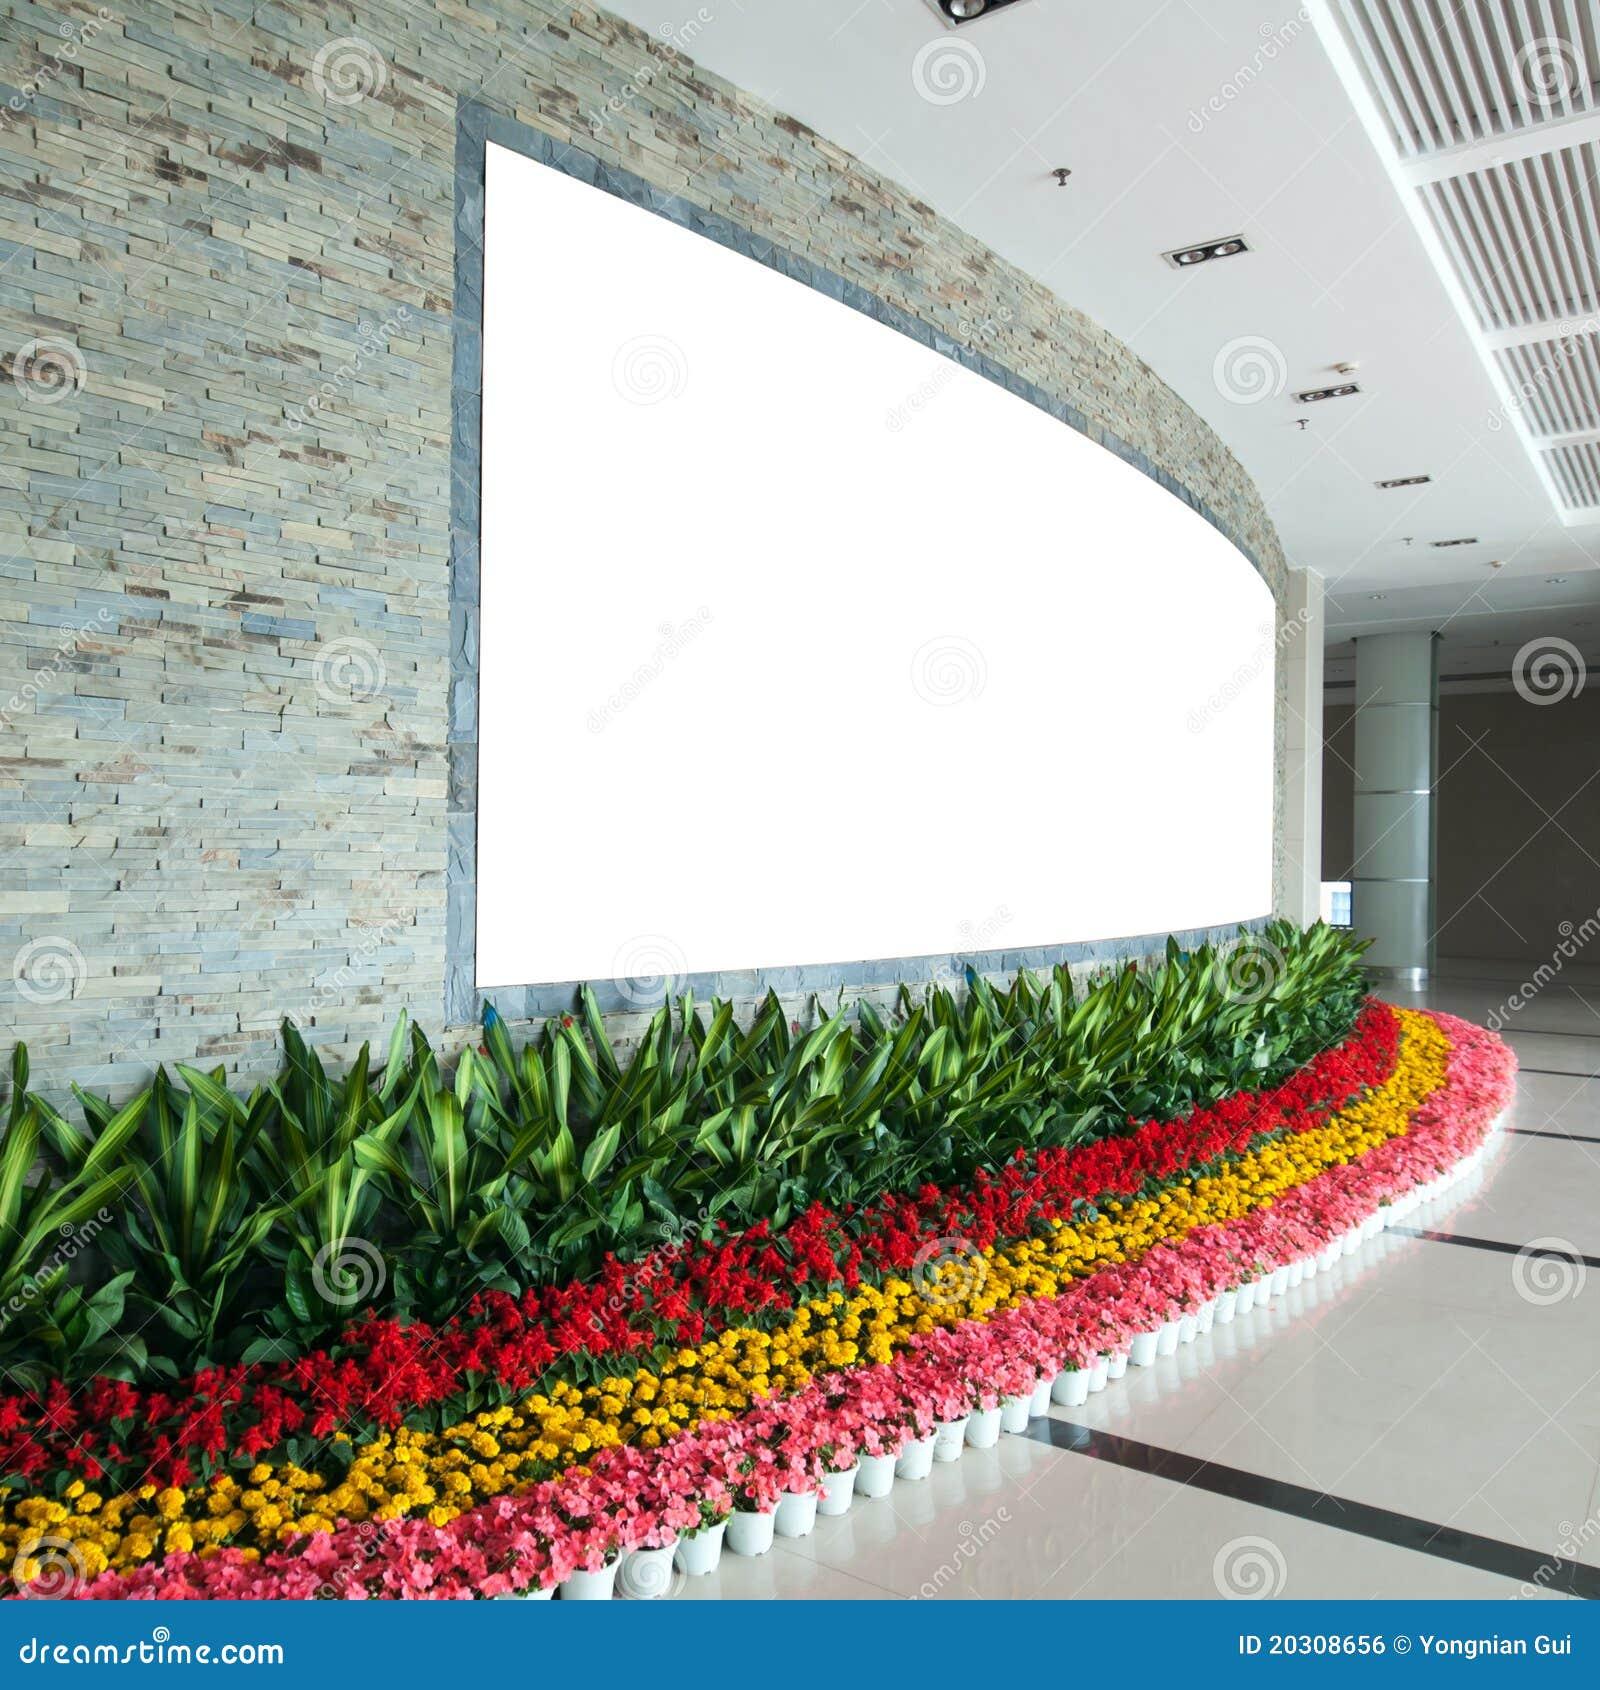 De zaal van het bedrijf royalty vrije stock afbeelding afbeelding 20308656 - Versiering van de zaal van het tienermeisje van ...